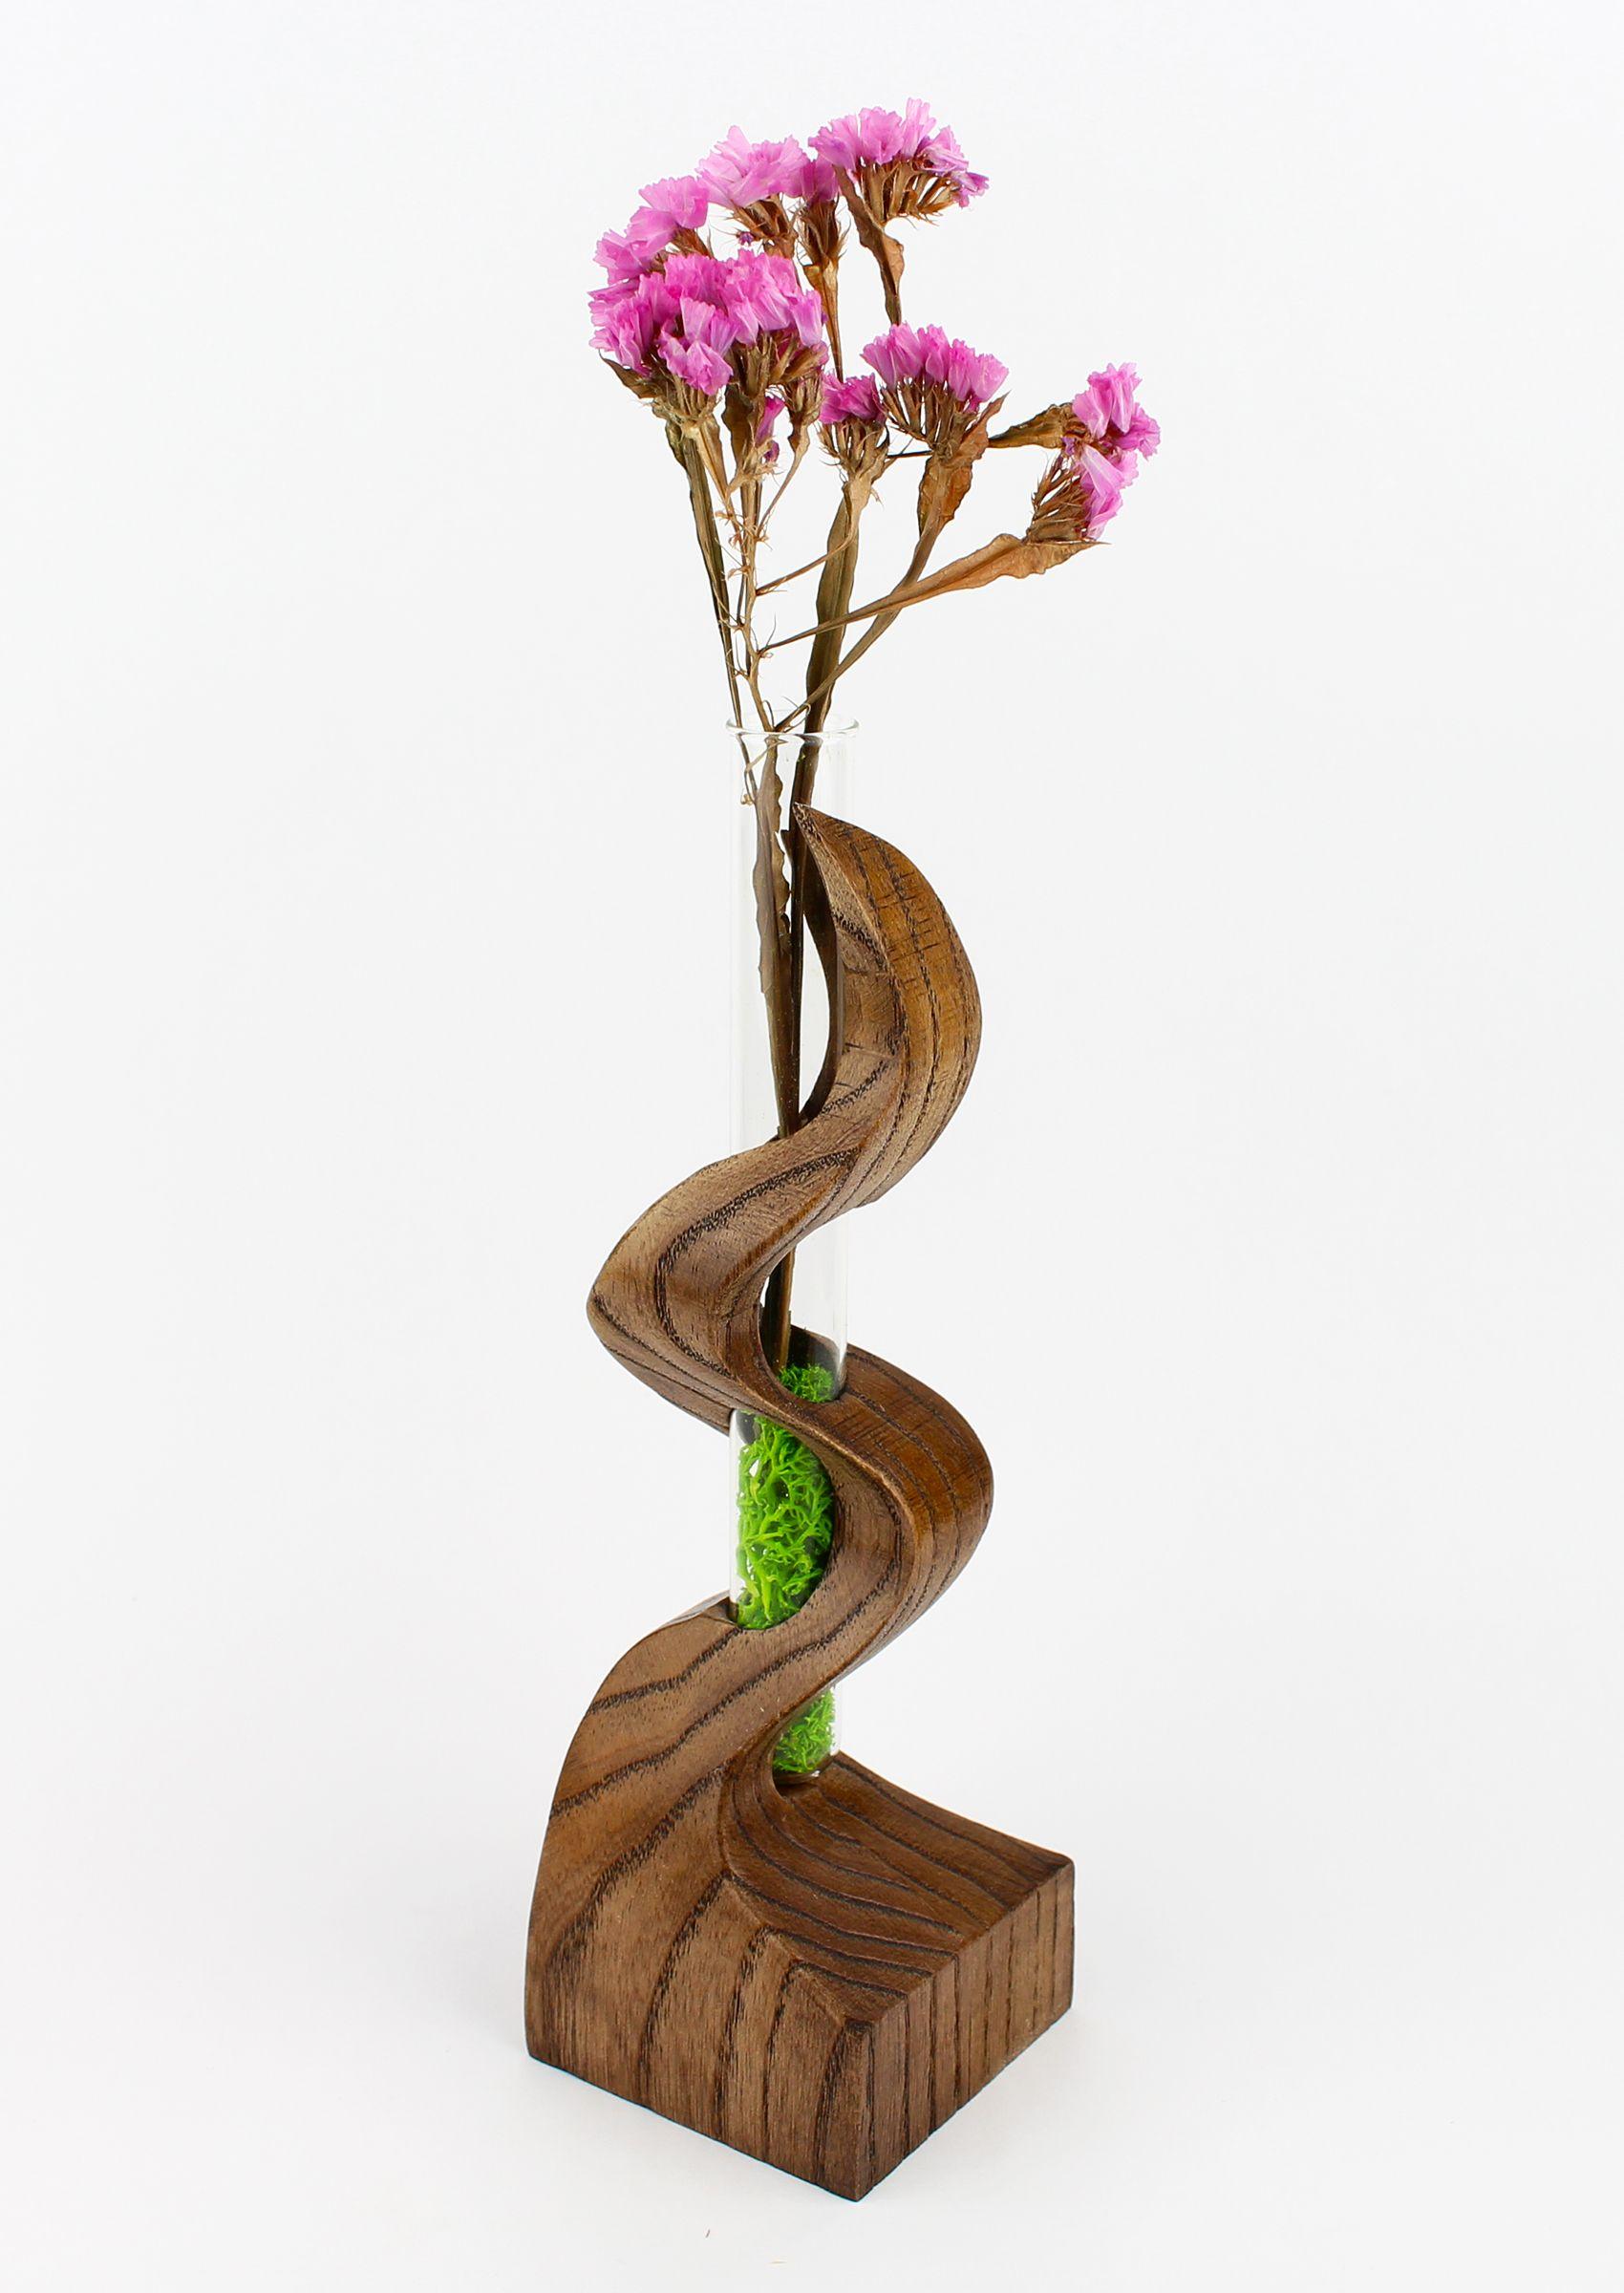 Minimalist Vase Flowers Holder Vase Desk Vase Test Tube Vase Spiral Wooden Vase Table Centerpiece Rustic Wooden Decor Moms Gift Woodworking Art Ideas Flower Vases Wooden Decor